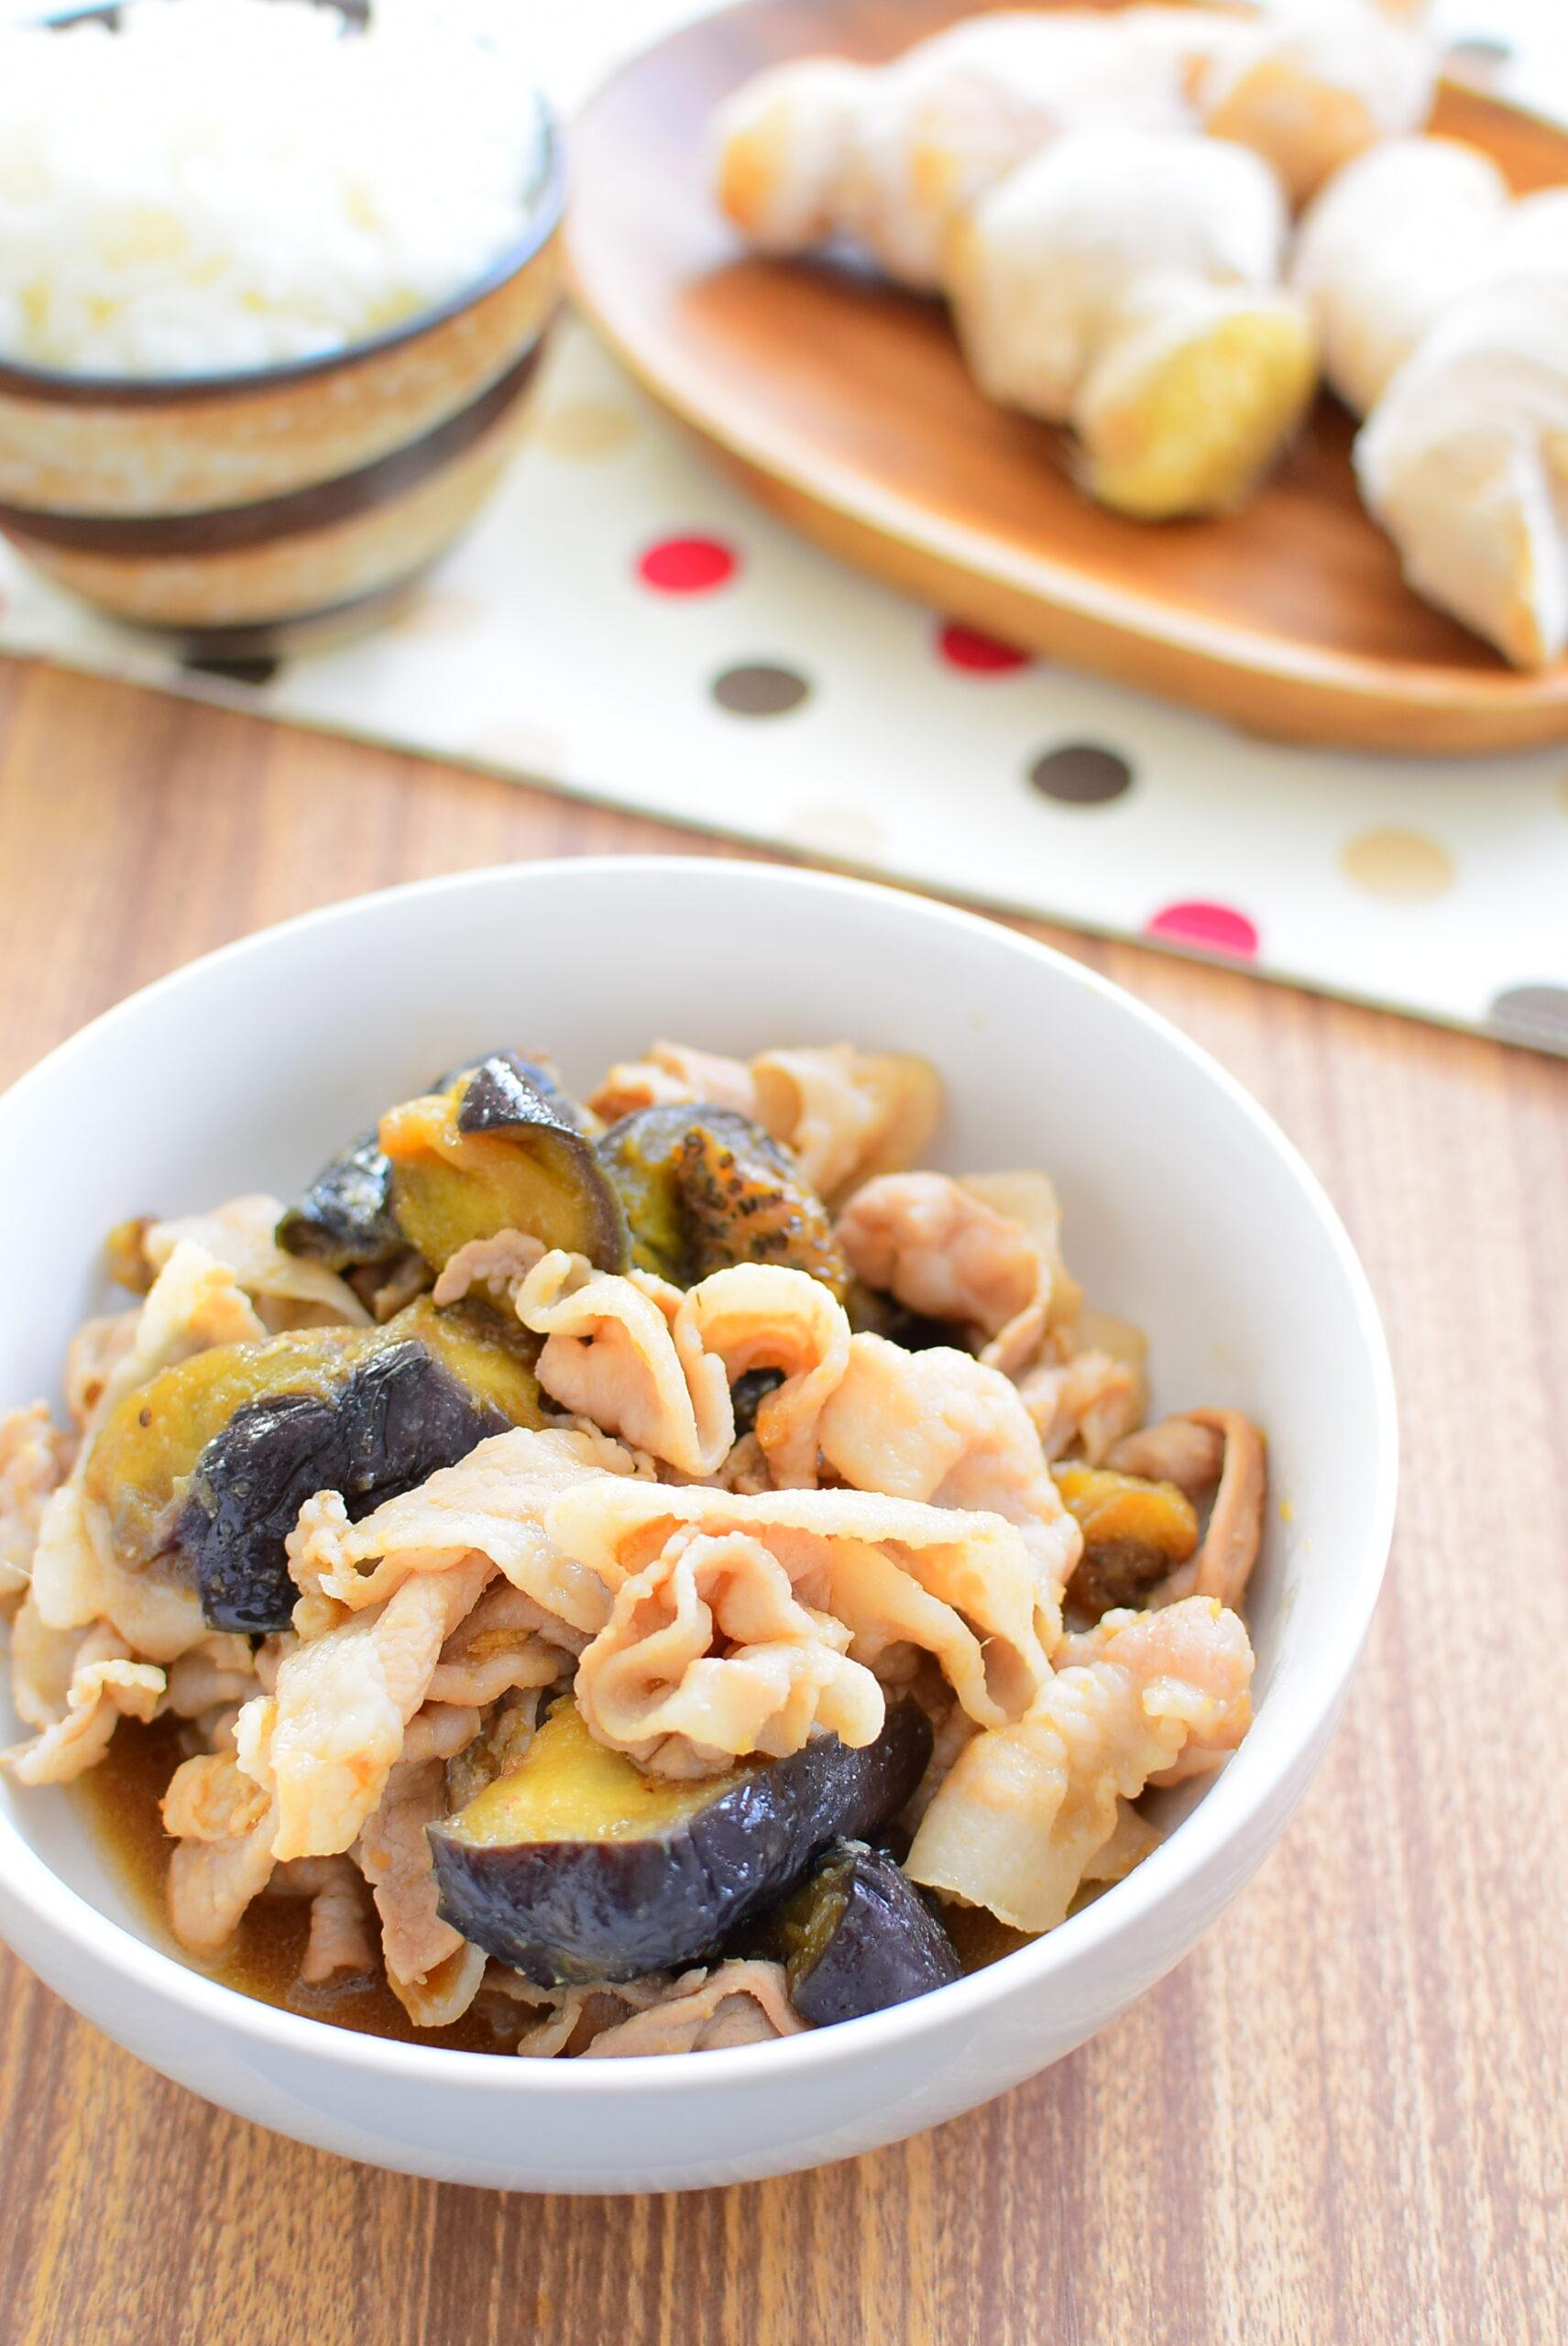 なすと豚の柔らか生姜焼きのレシピの写真